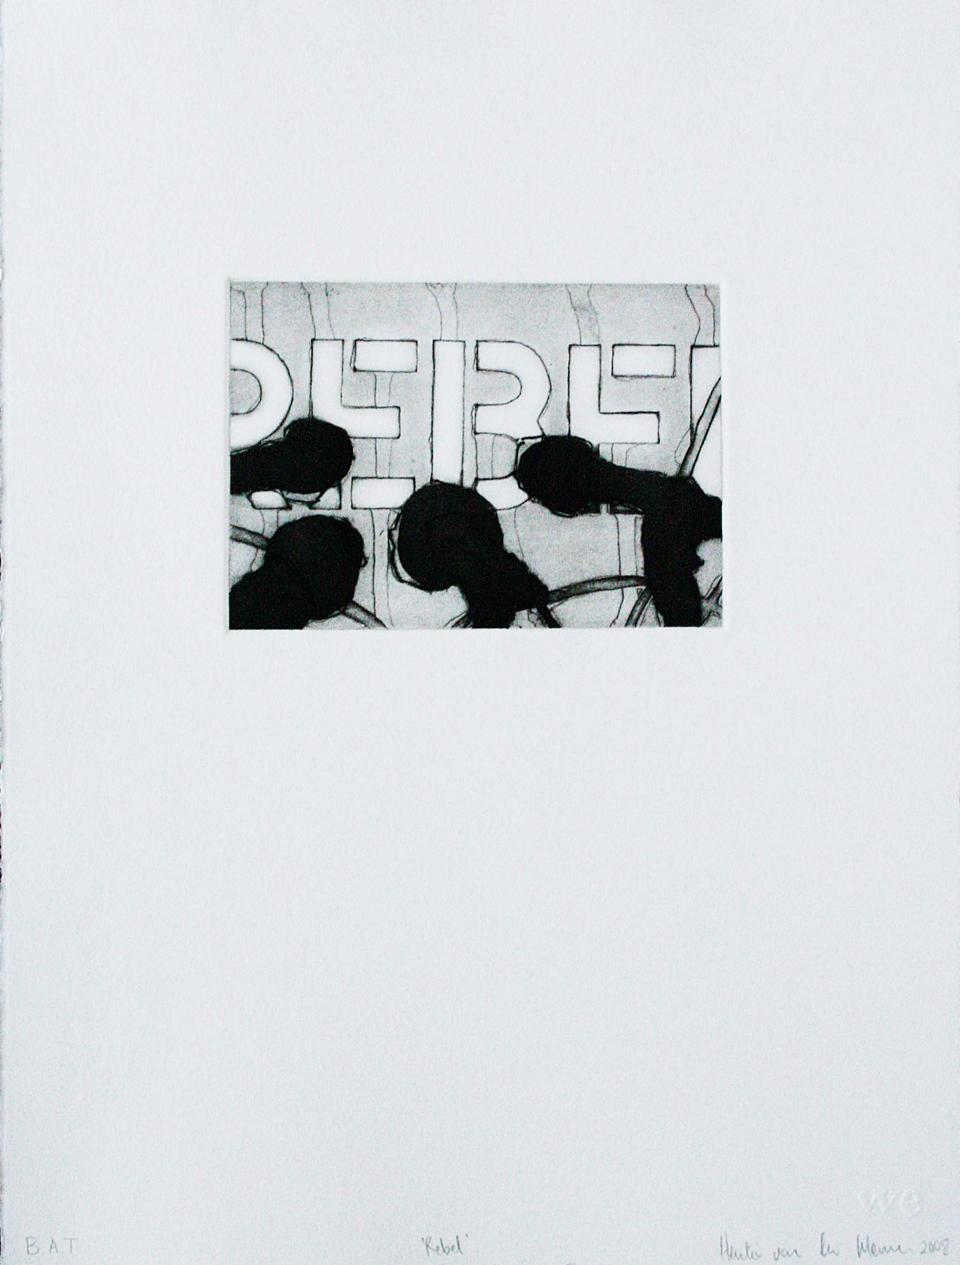 Hentie van der Merwe, Rebel, Prints